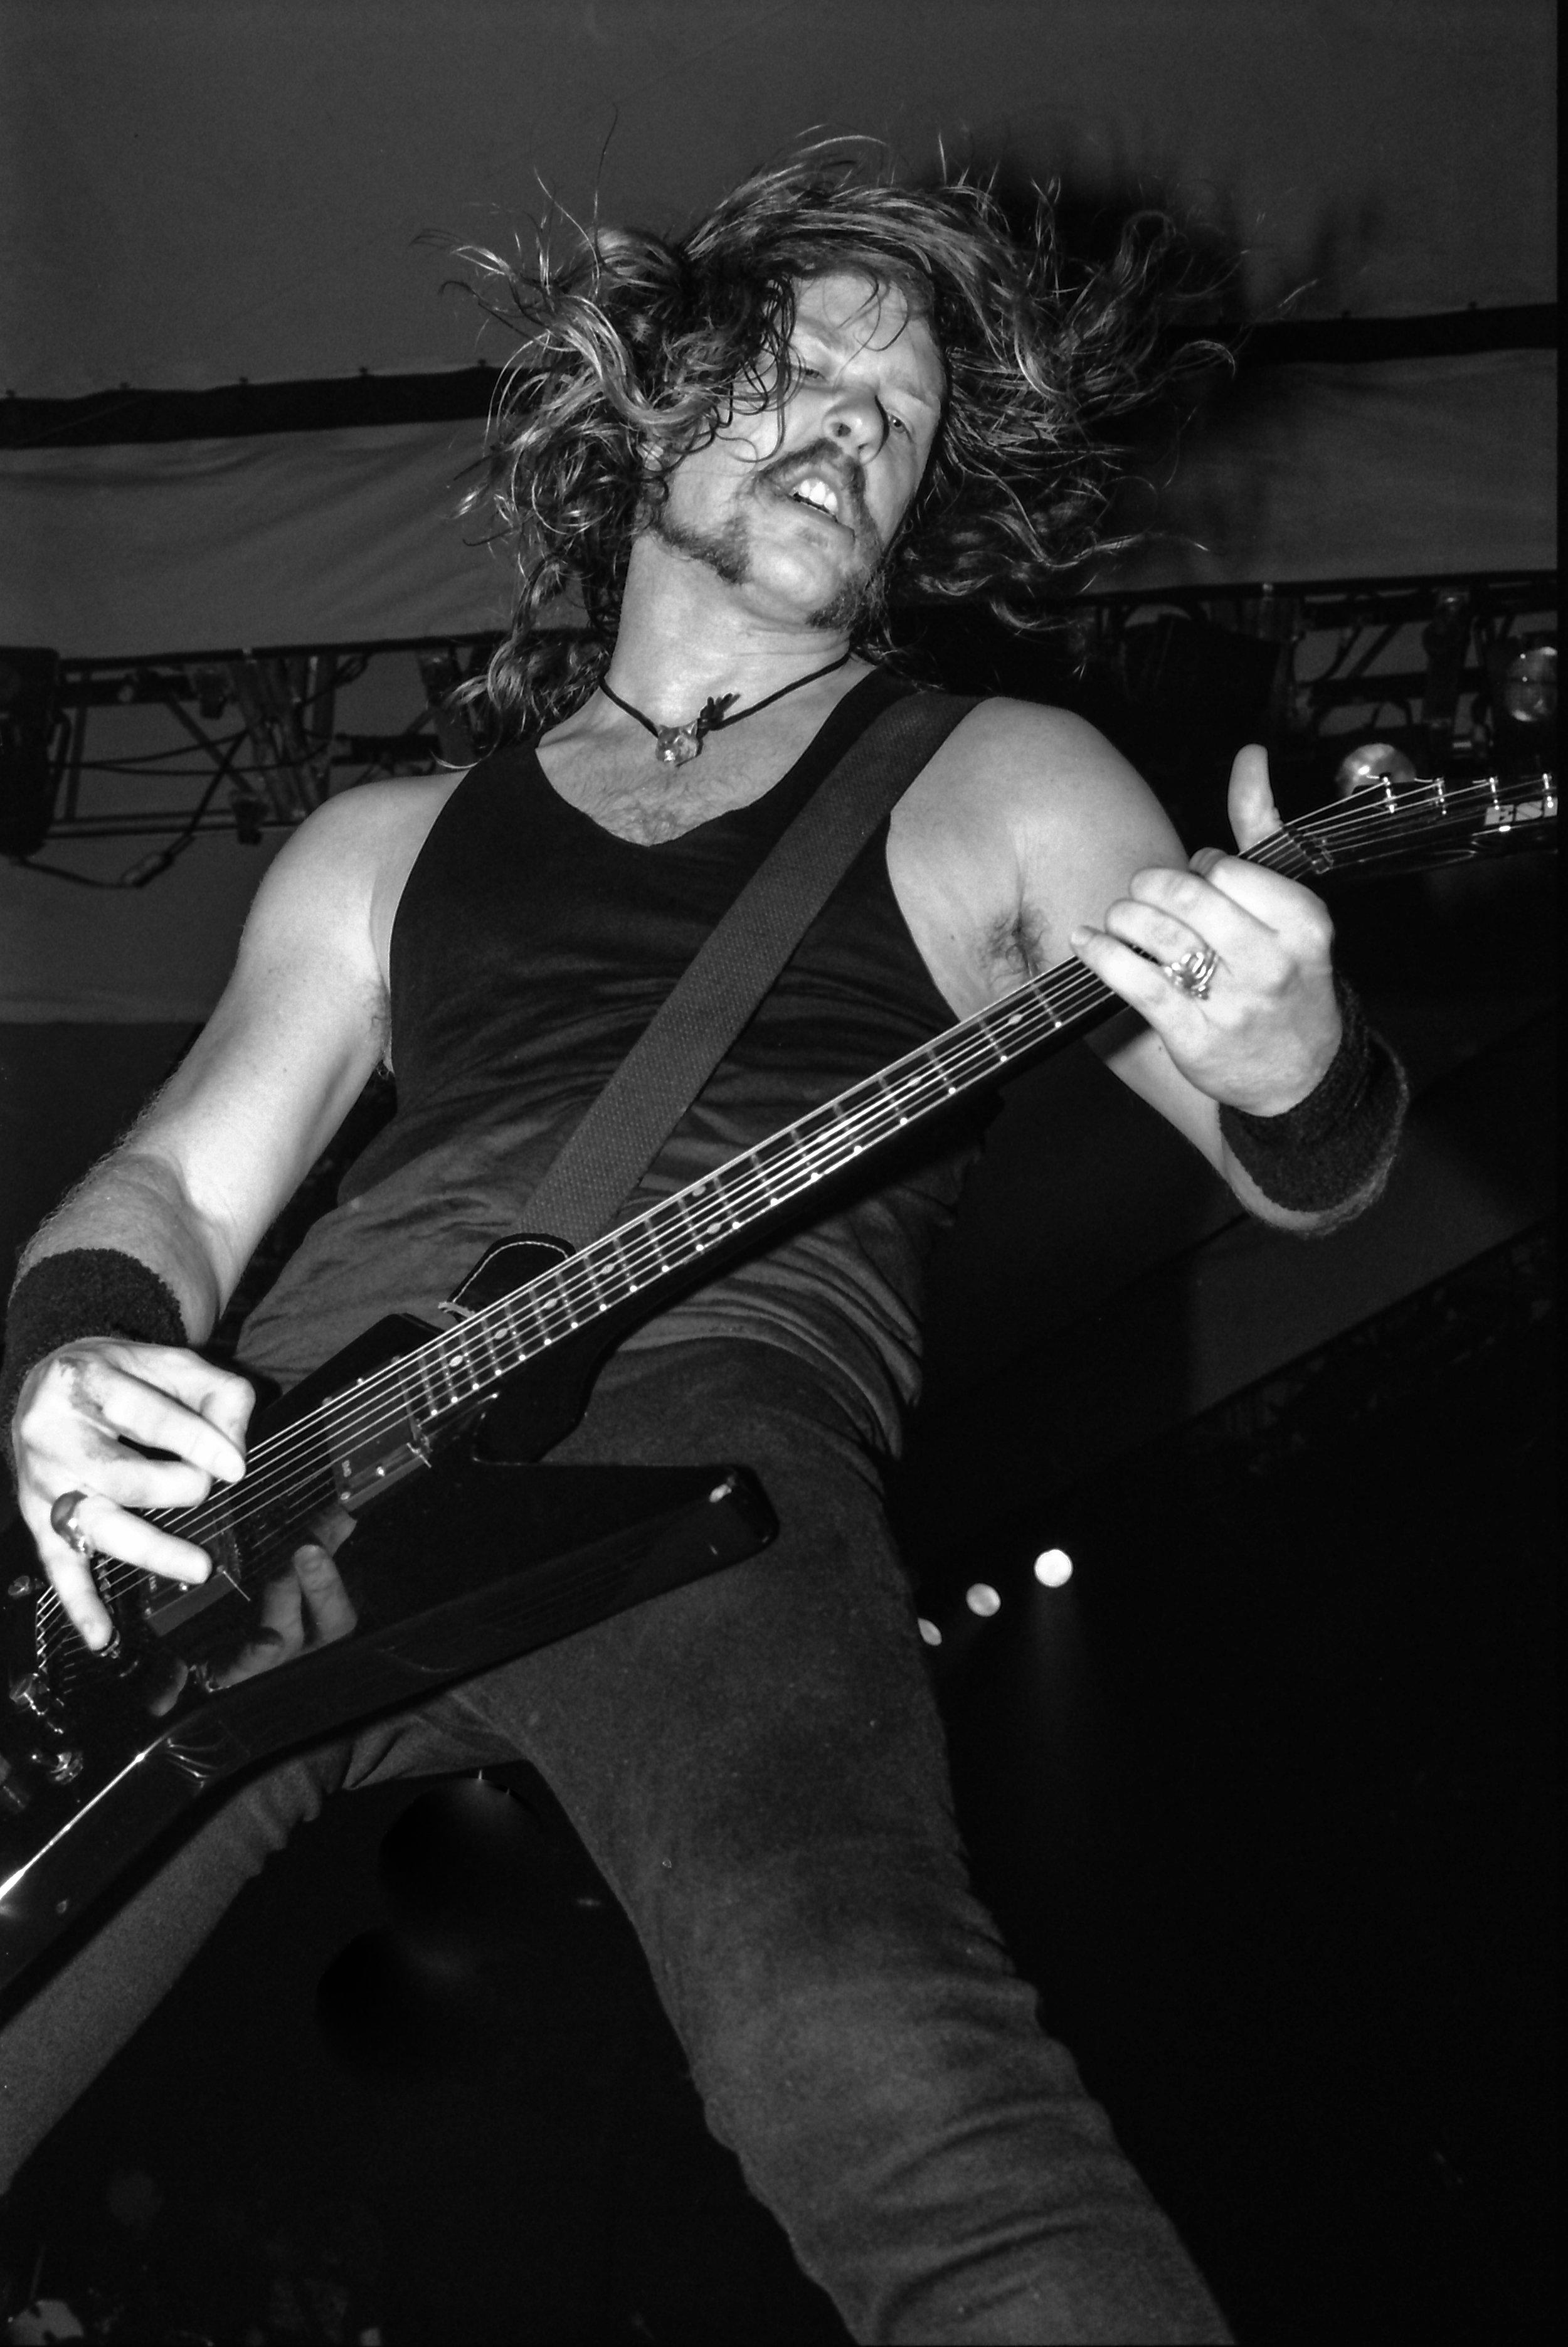 James Hetfield - Metallica - 1991